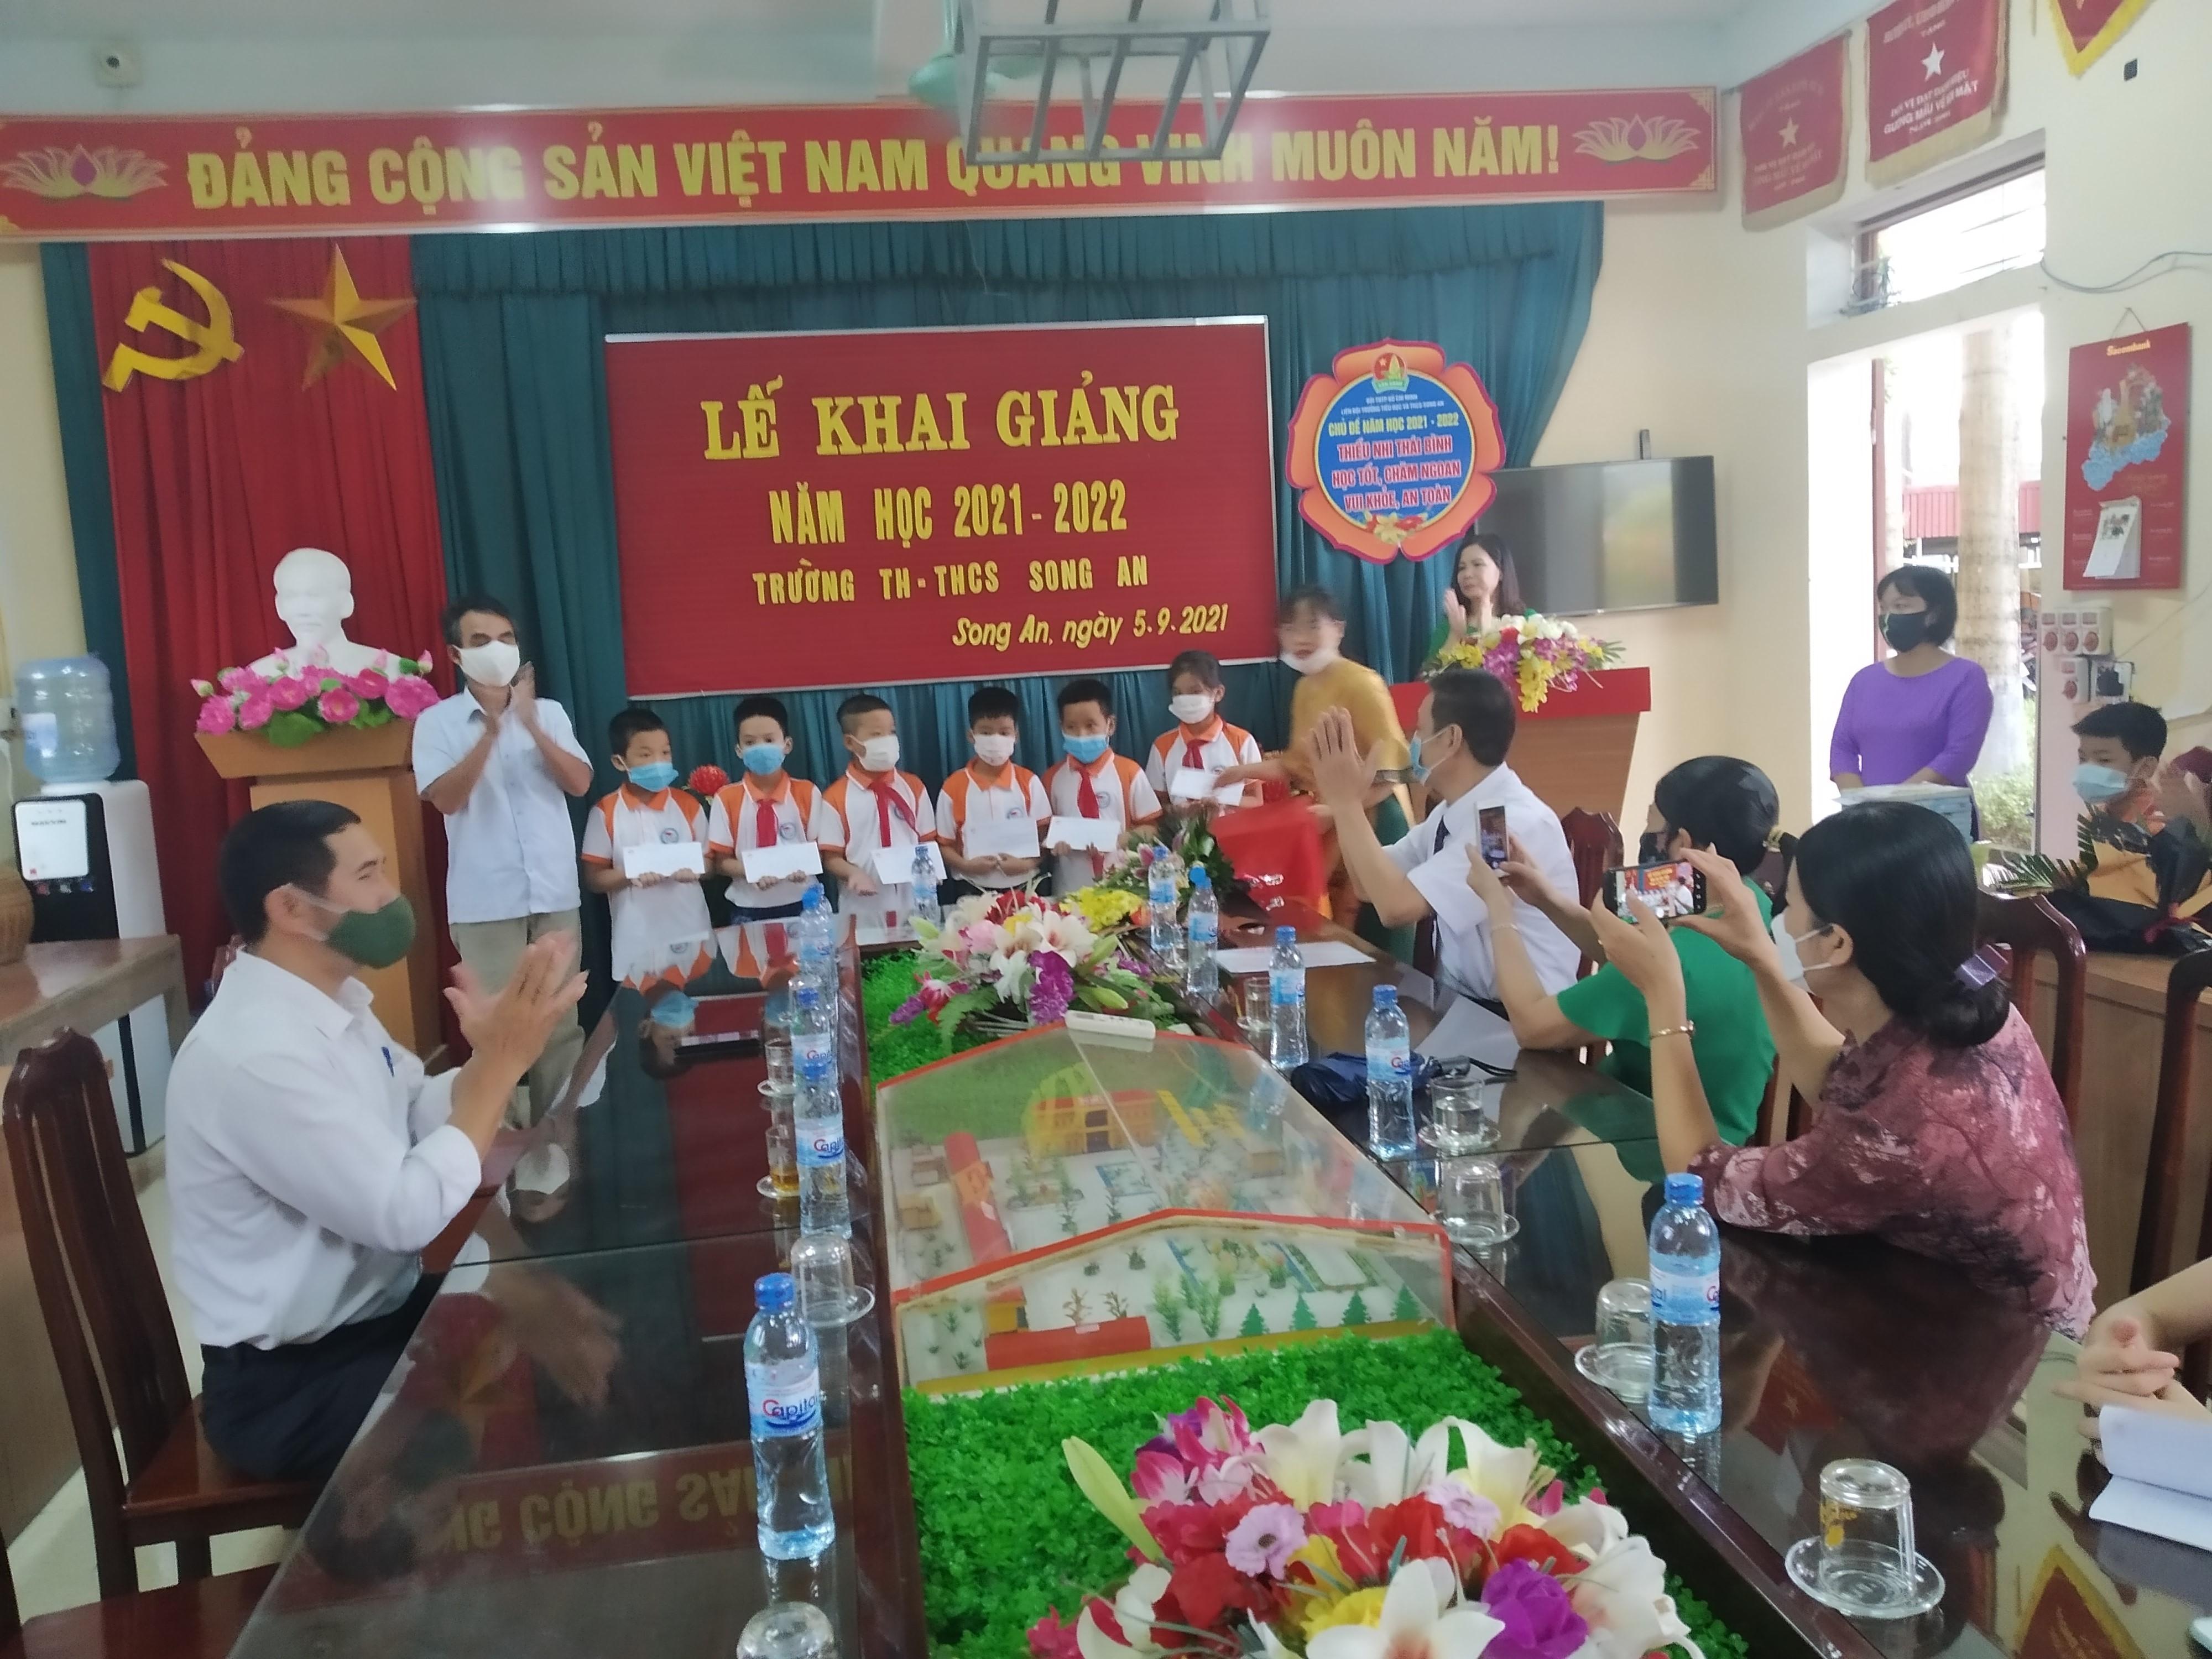 Xã Song An huyện Vũ Thư Đẩy mạnh công tác khuyến học, khuyến tài, xây dựng xã hội học tập